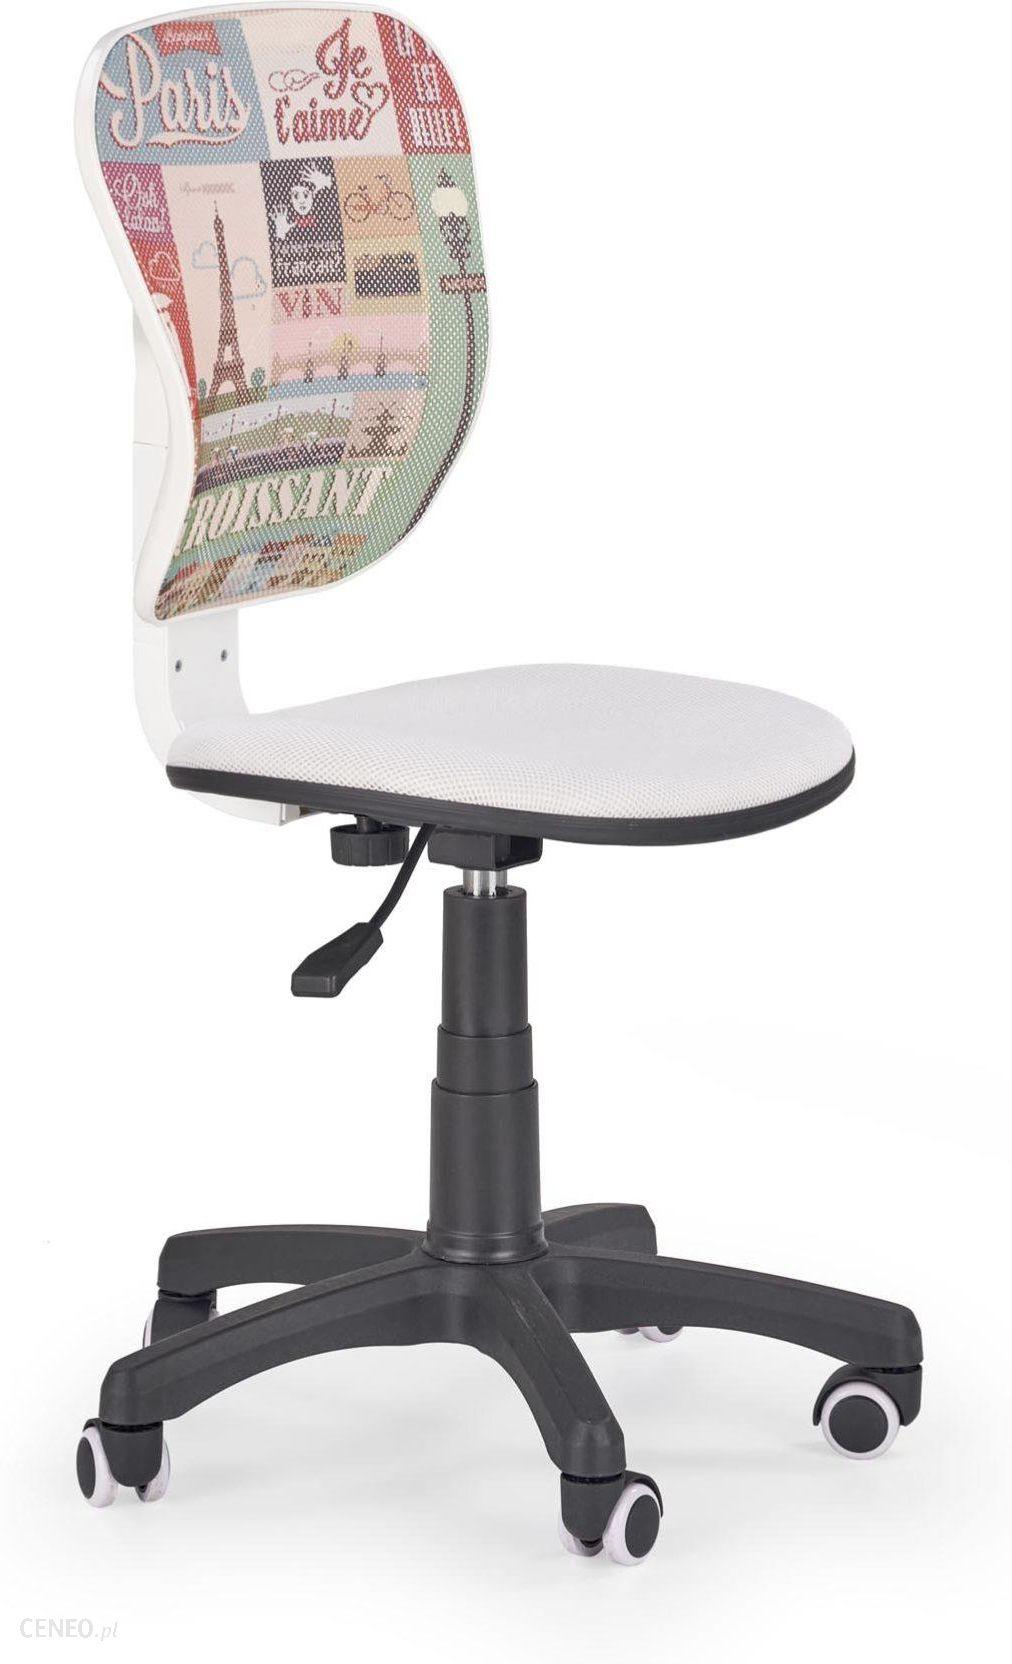 Krzesło obrotowe młodzieżowe ceny i opinie Ceneo.pl